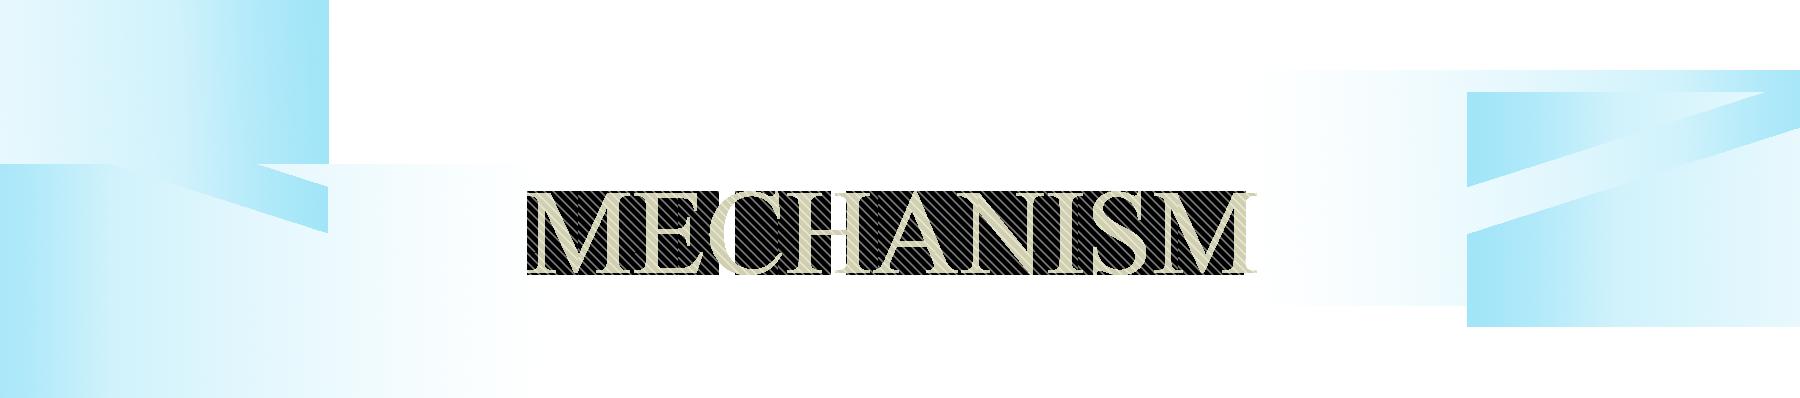 MECHANISMセクションのタイトル